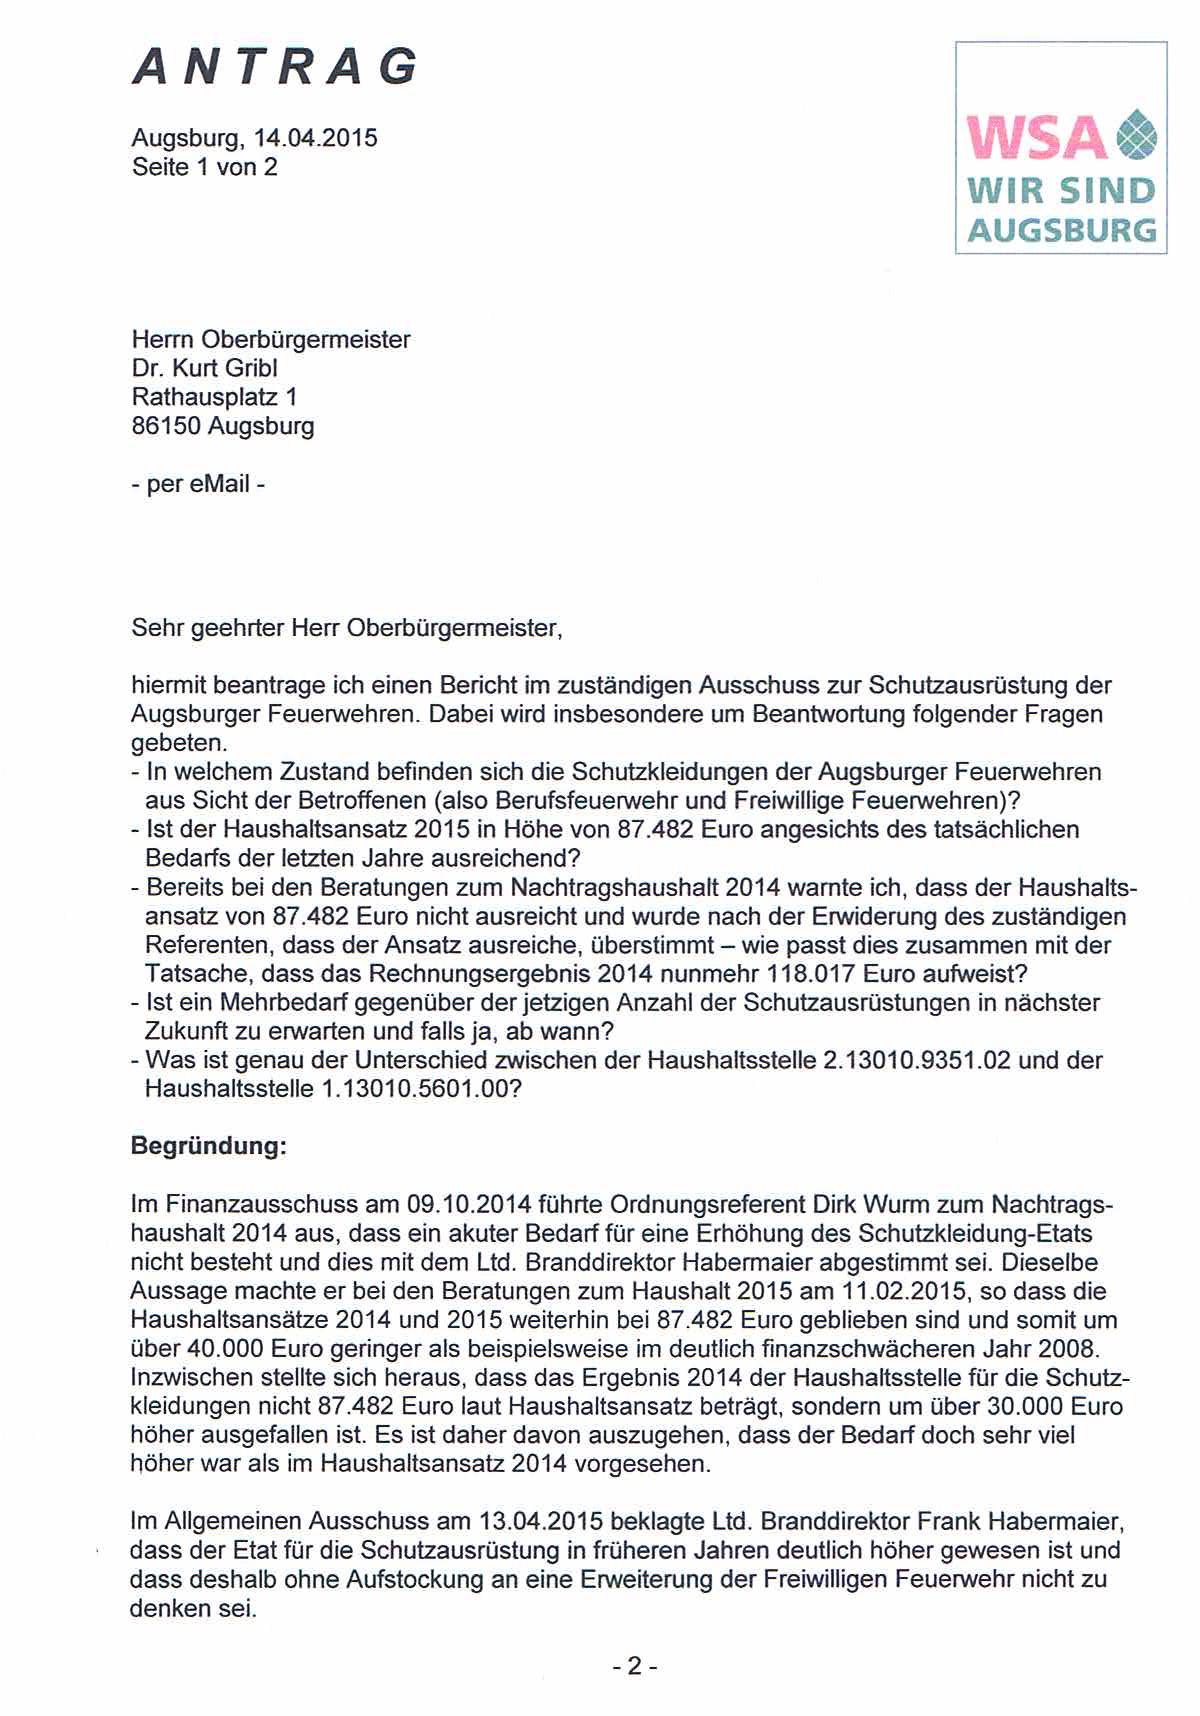 WSA-Antrag vom 14.04.2015 zur Schutzausrüstung der Augsburger Feuerwehren, Seite 1